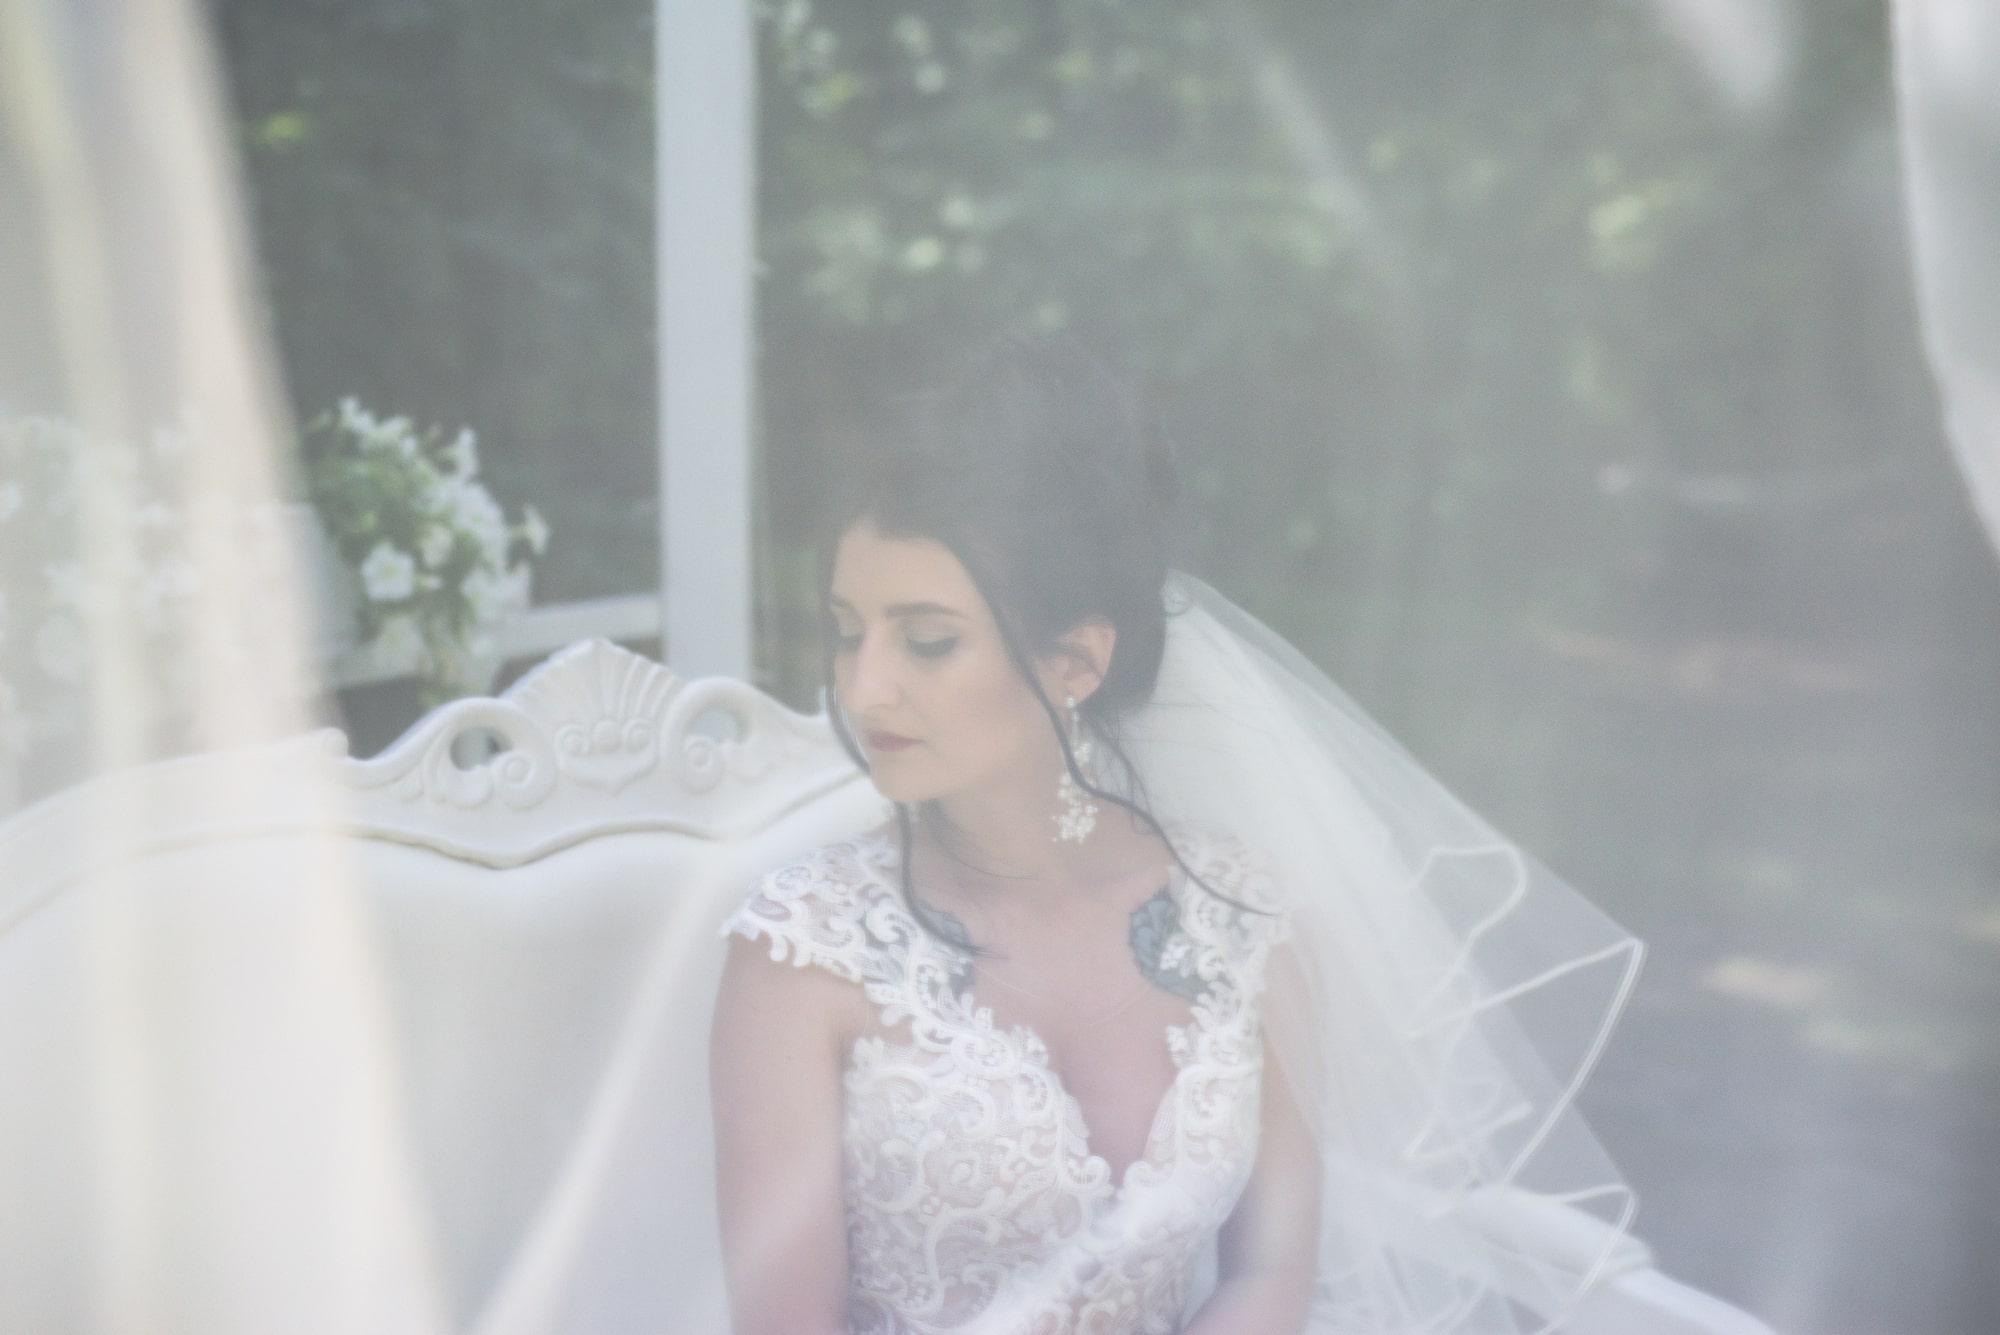 Свадебная фотосъемка в студии Плей - невеста и вуаль